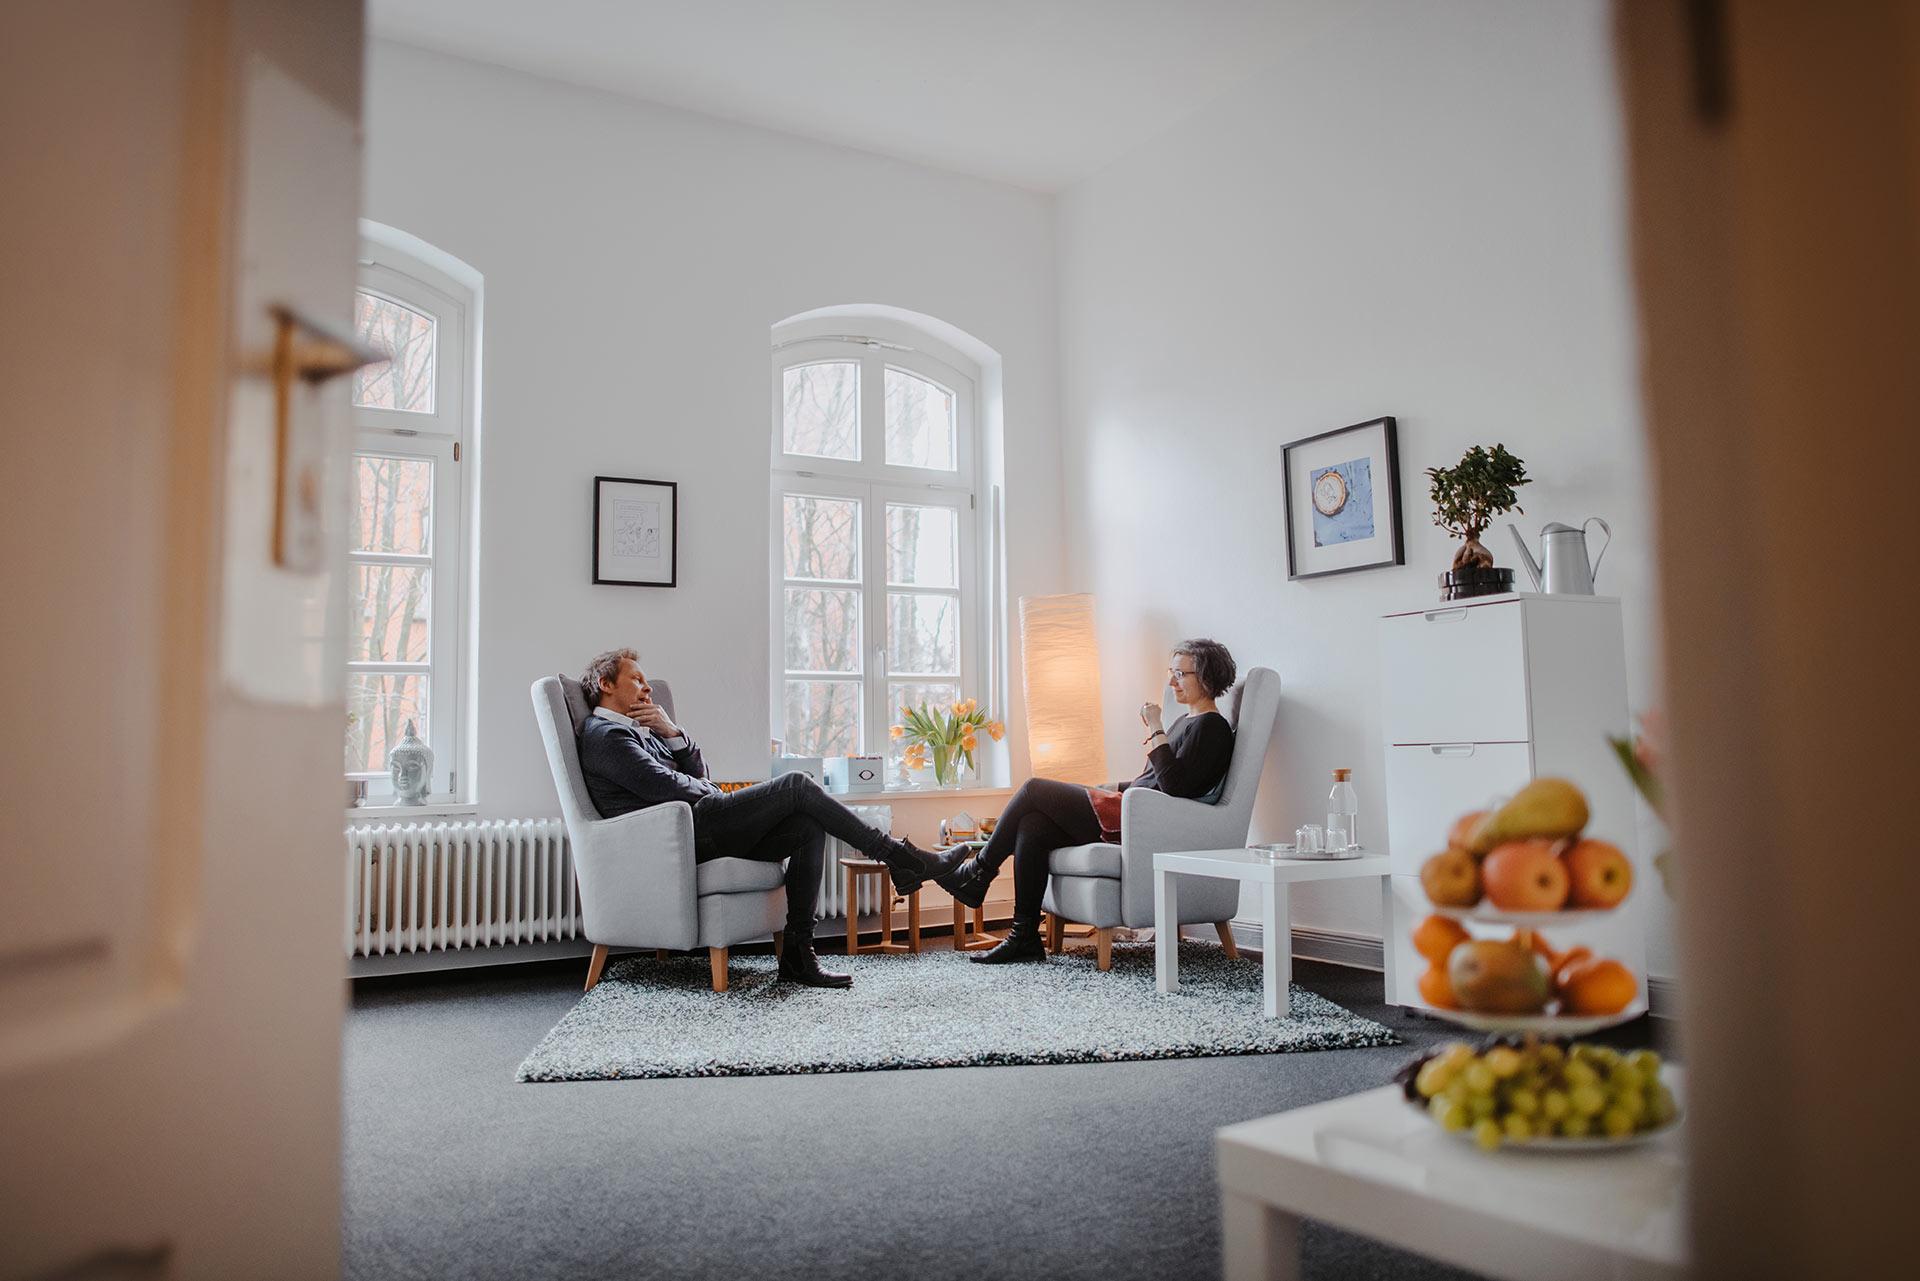 Psychotherapie Praxis Dr. Nora Heine in Braunschweig